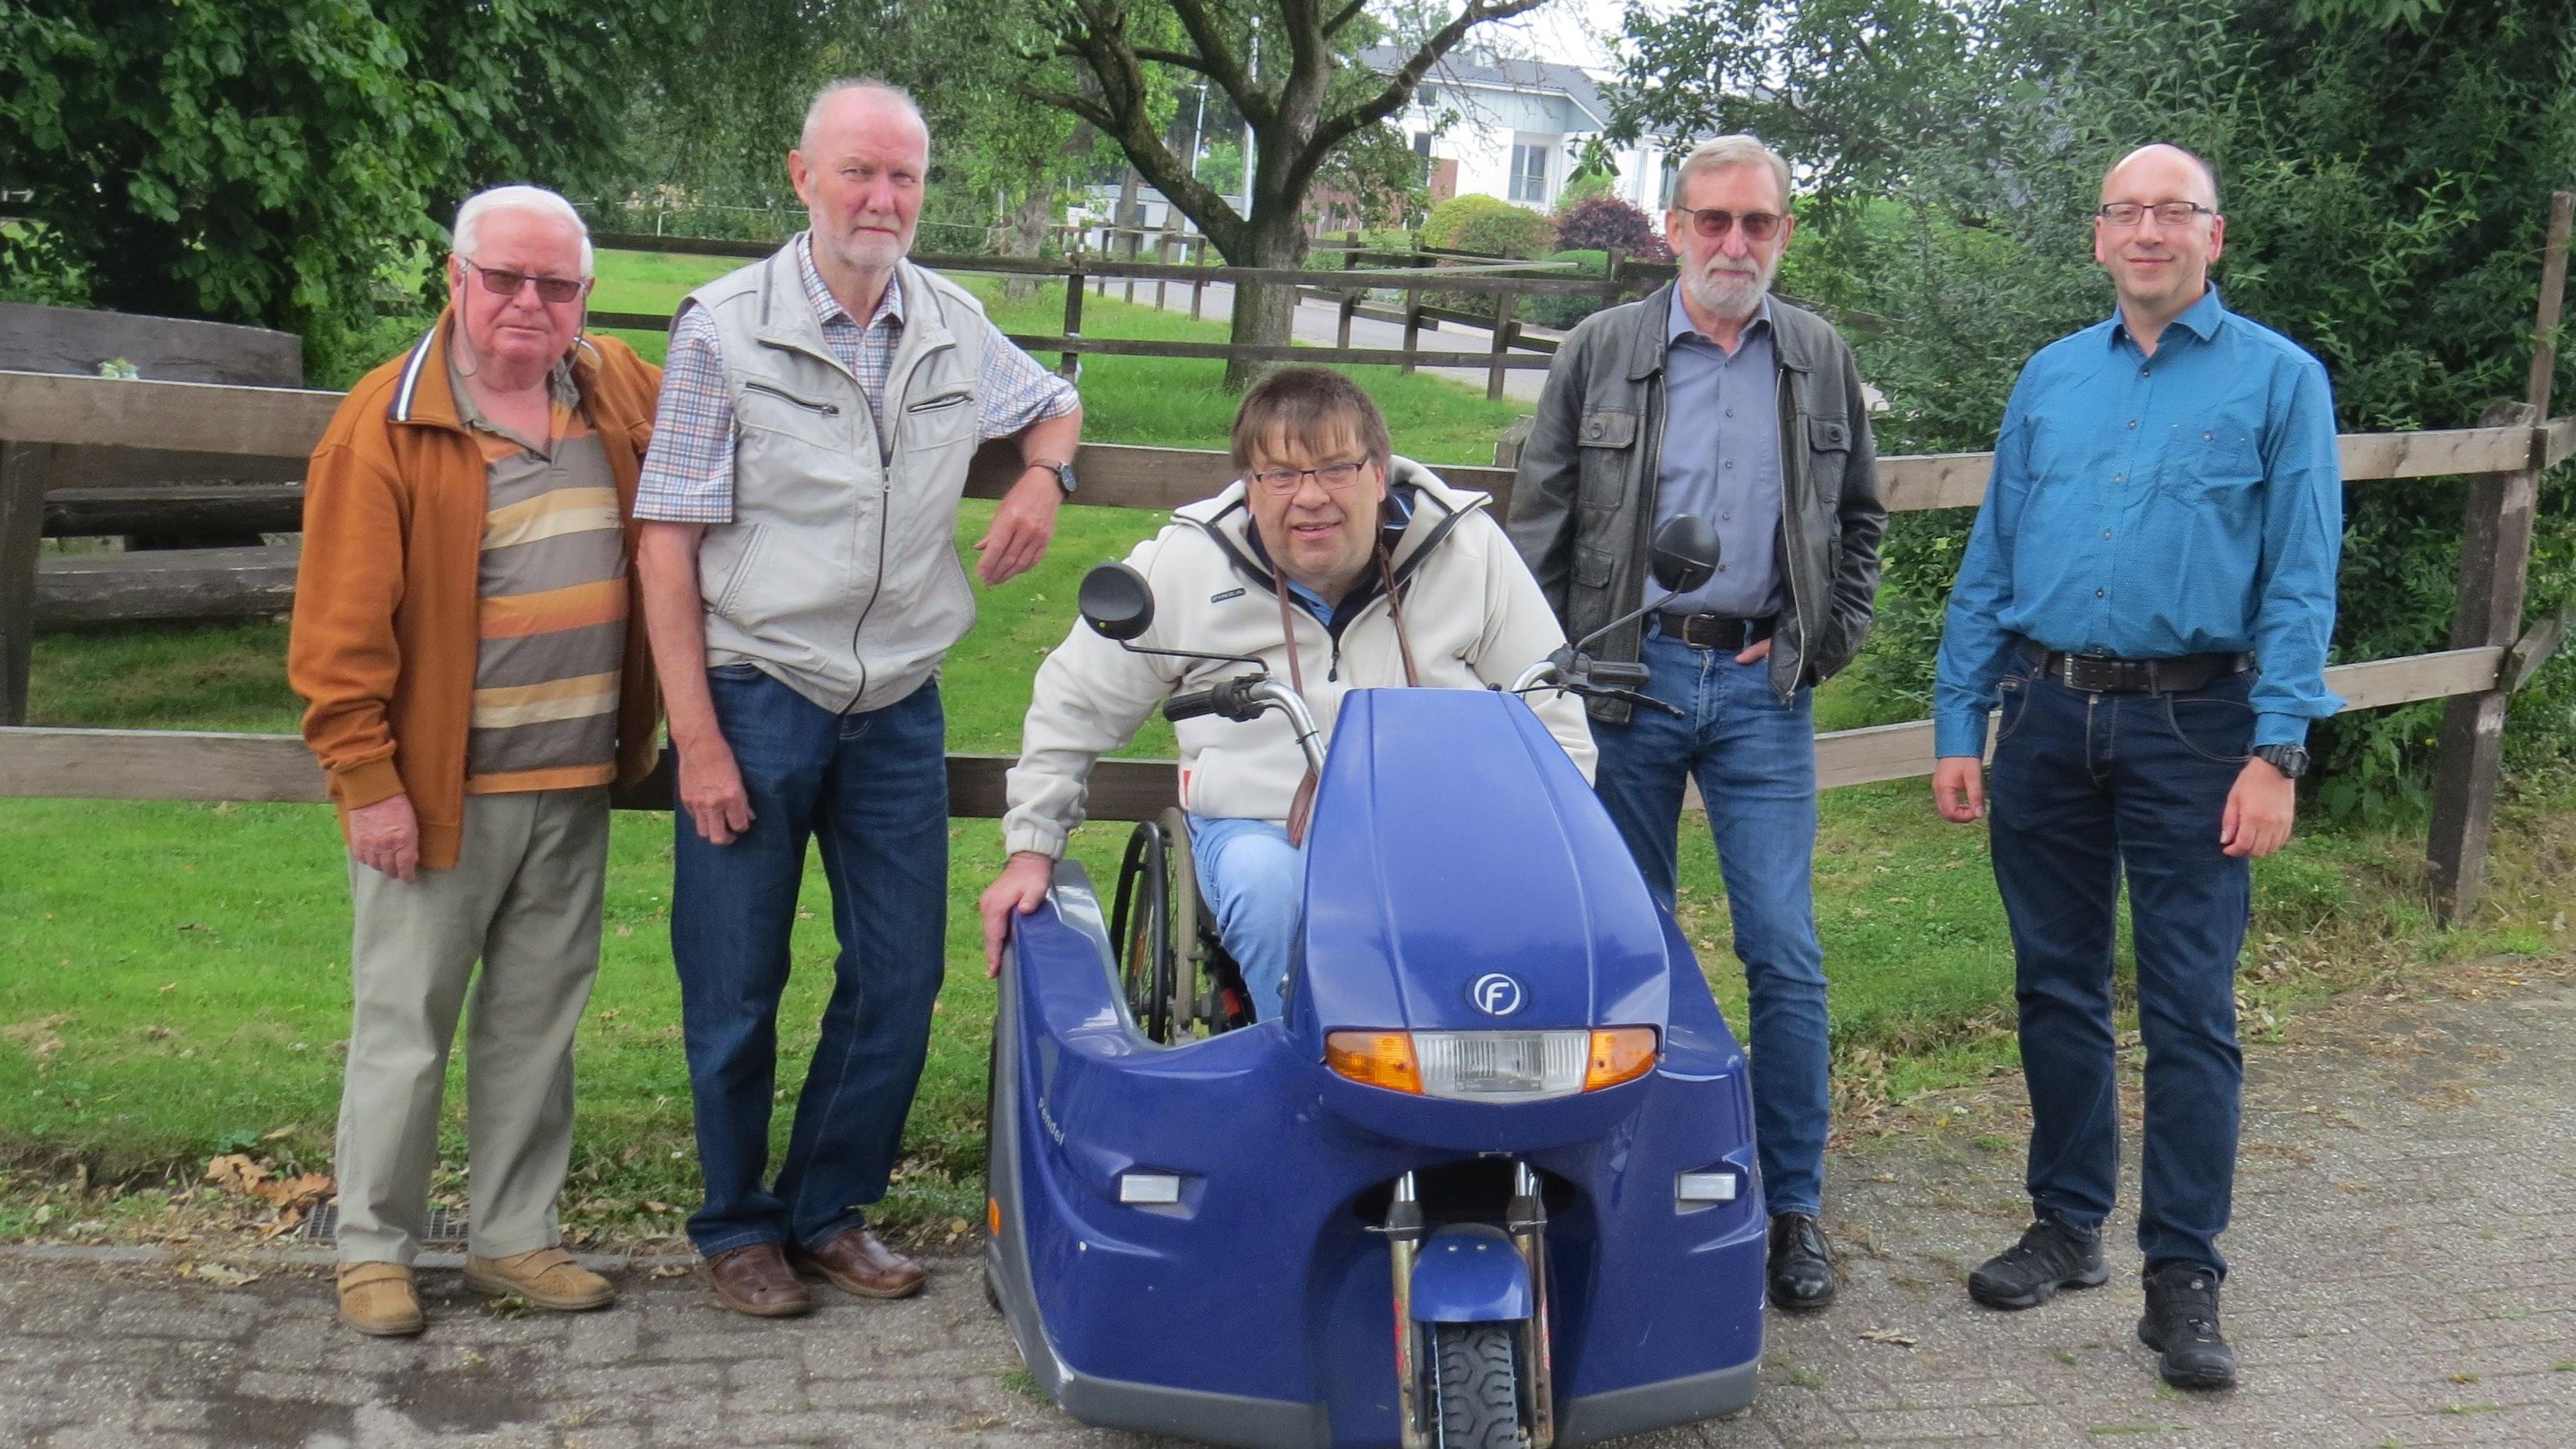 Vorstandsmitglieder bleiben im Amt: (von links) Hans-Ulrich Thoma, Georg Schilmöller, Ludger Jankowski, August Penzel und Martin Rohe. Foto: privat